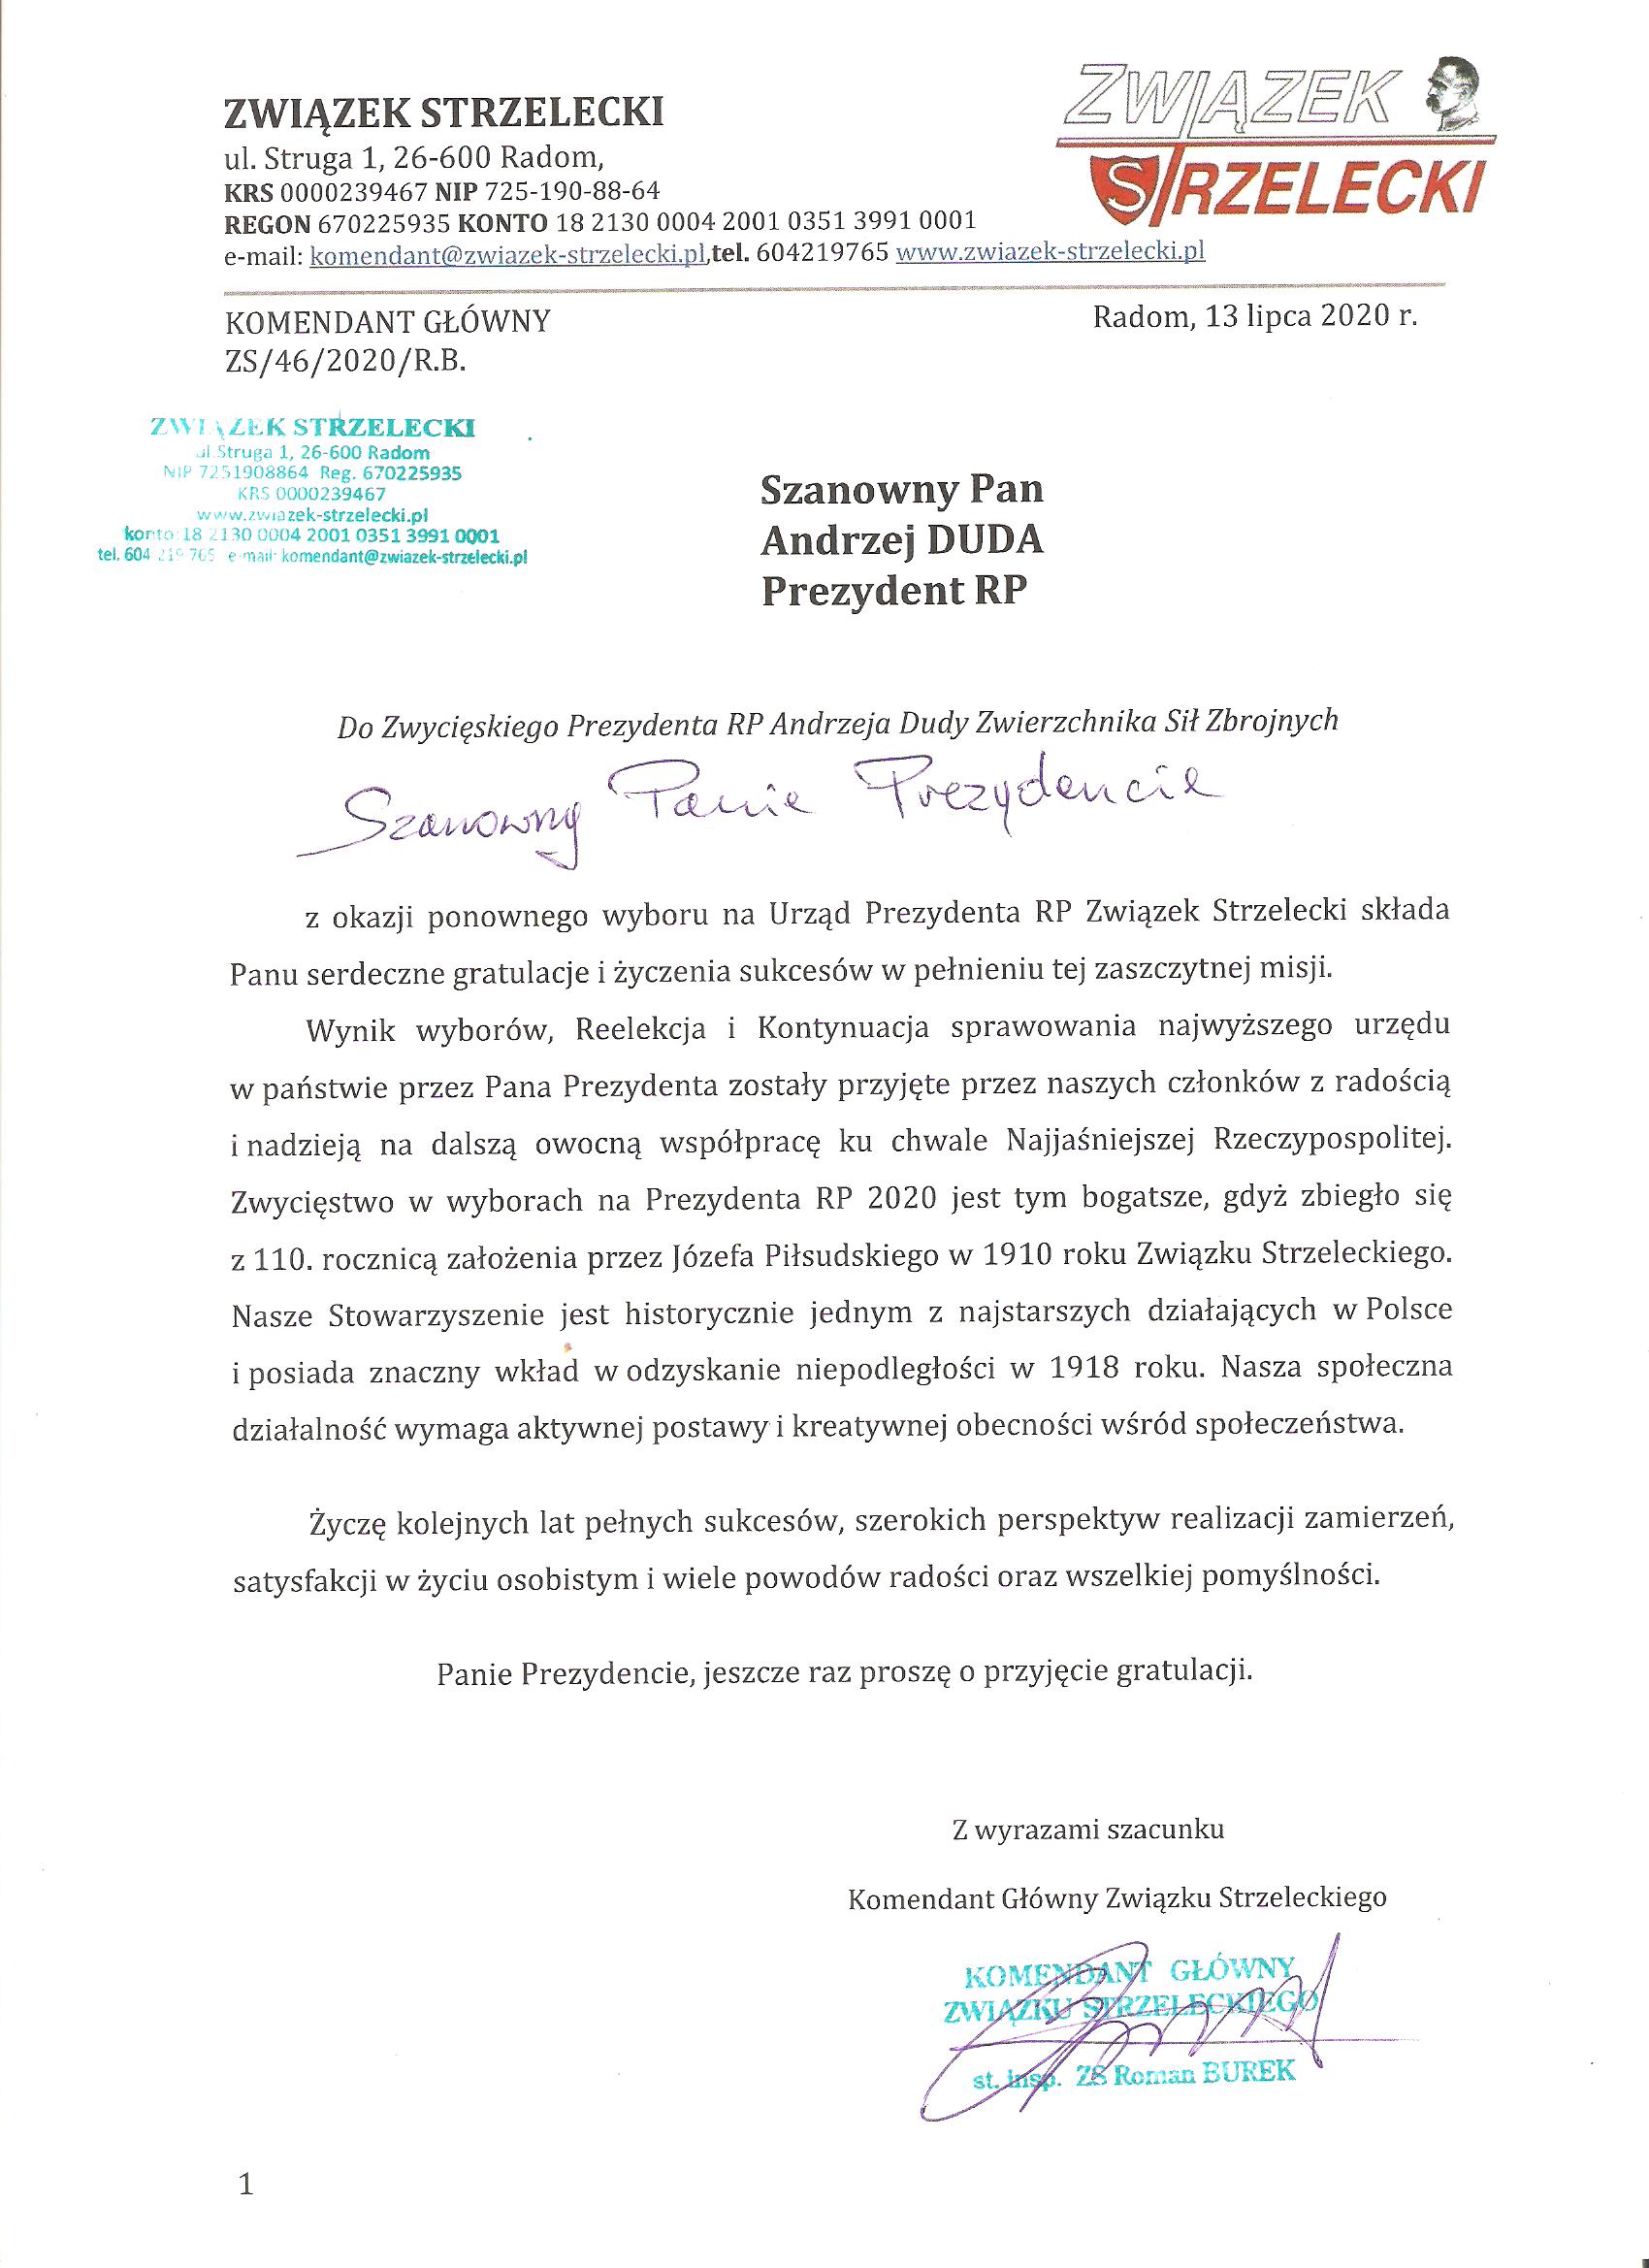 Pismo ZS do Zwycięskiego Prezydenta RP Andrzeja Dudy Zwierzchnika Sił Zbrojnych